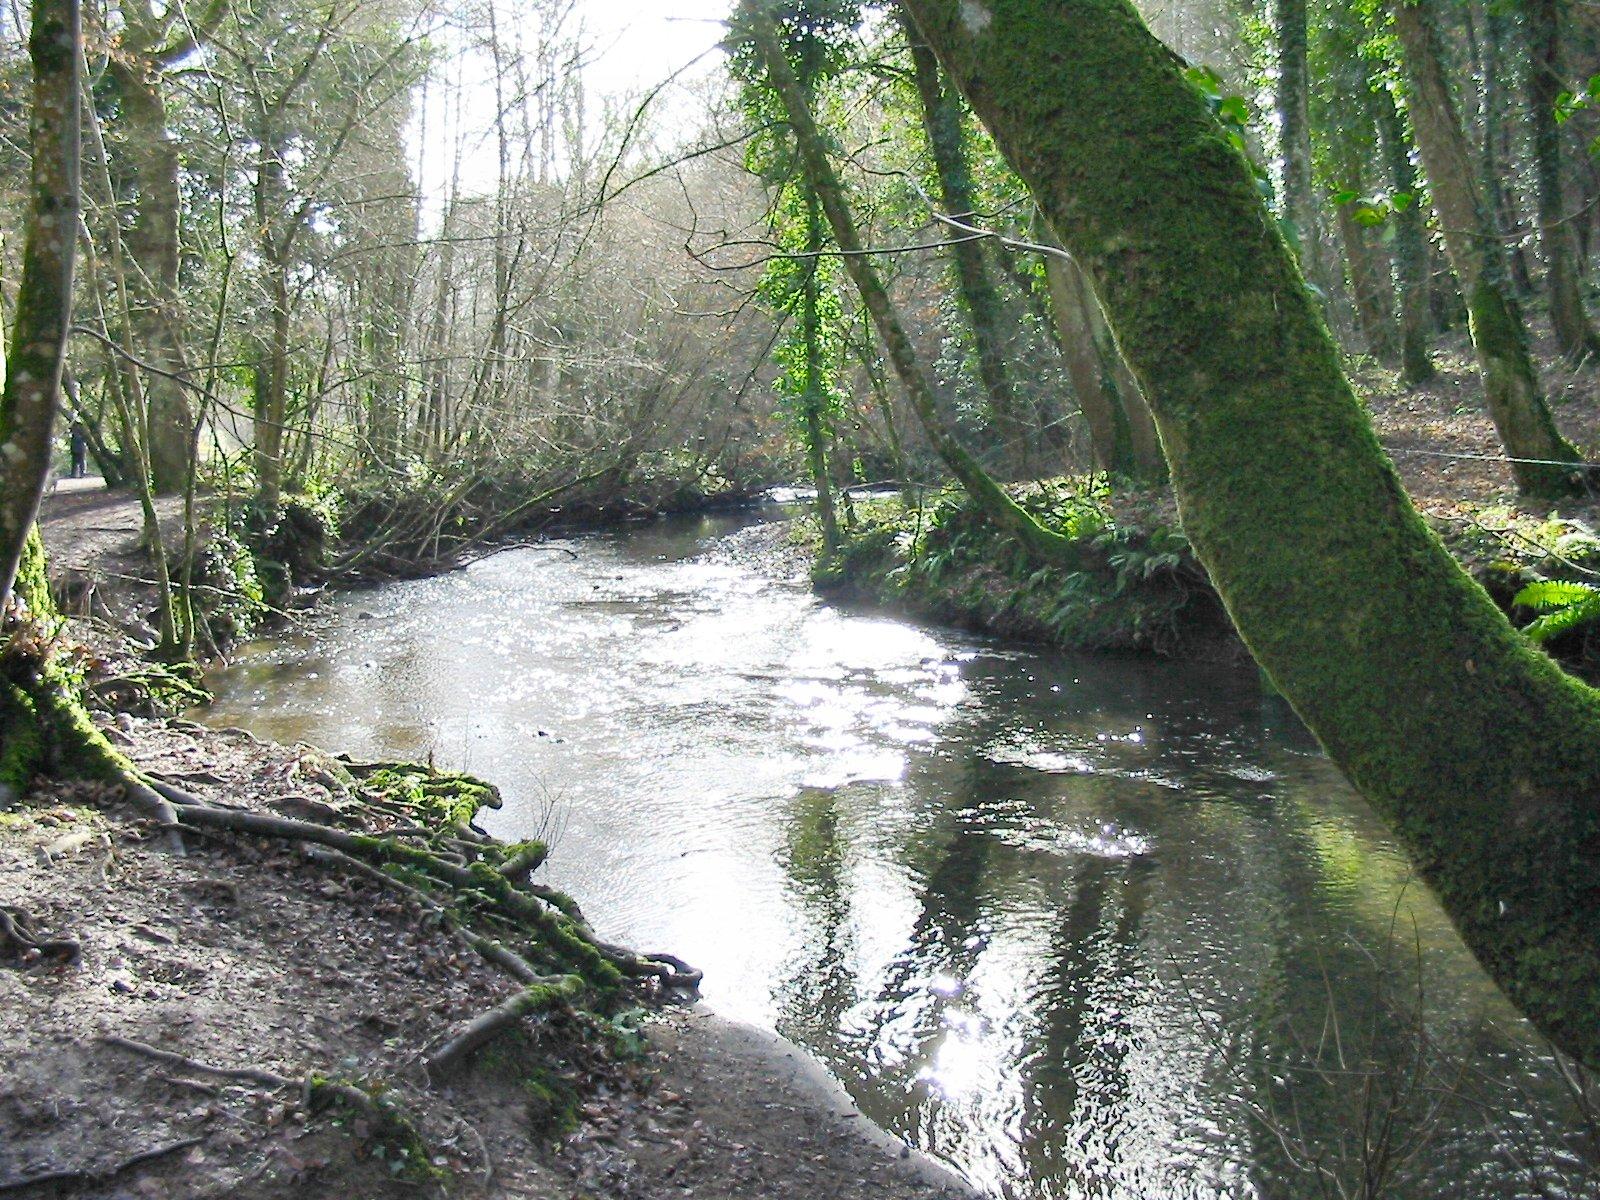 File:River Lemon in Bradley Woods, Devon, England.jpg ...